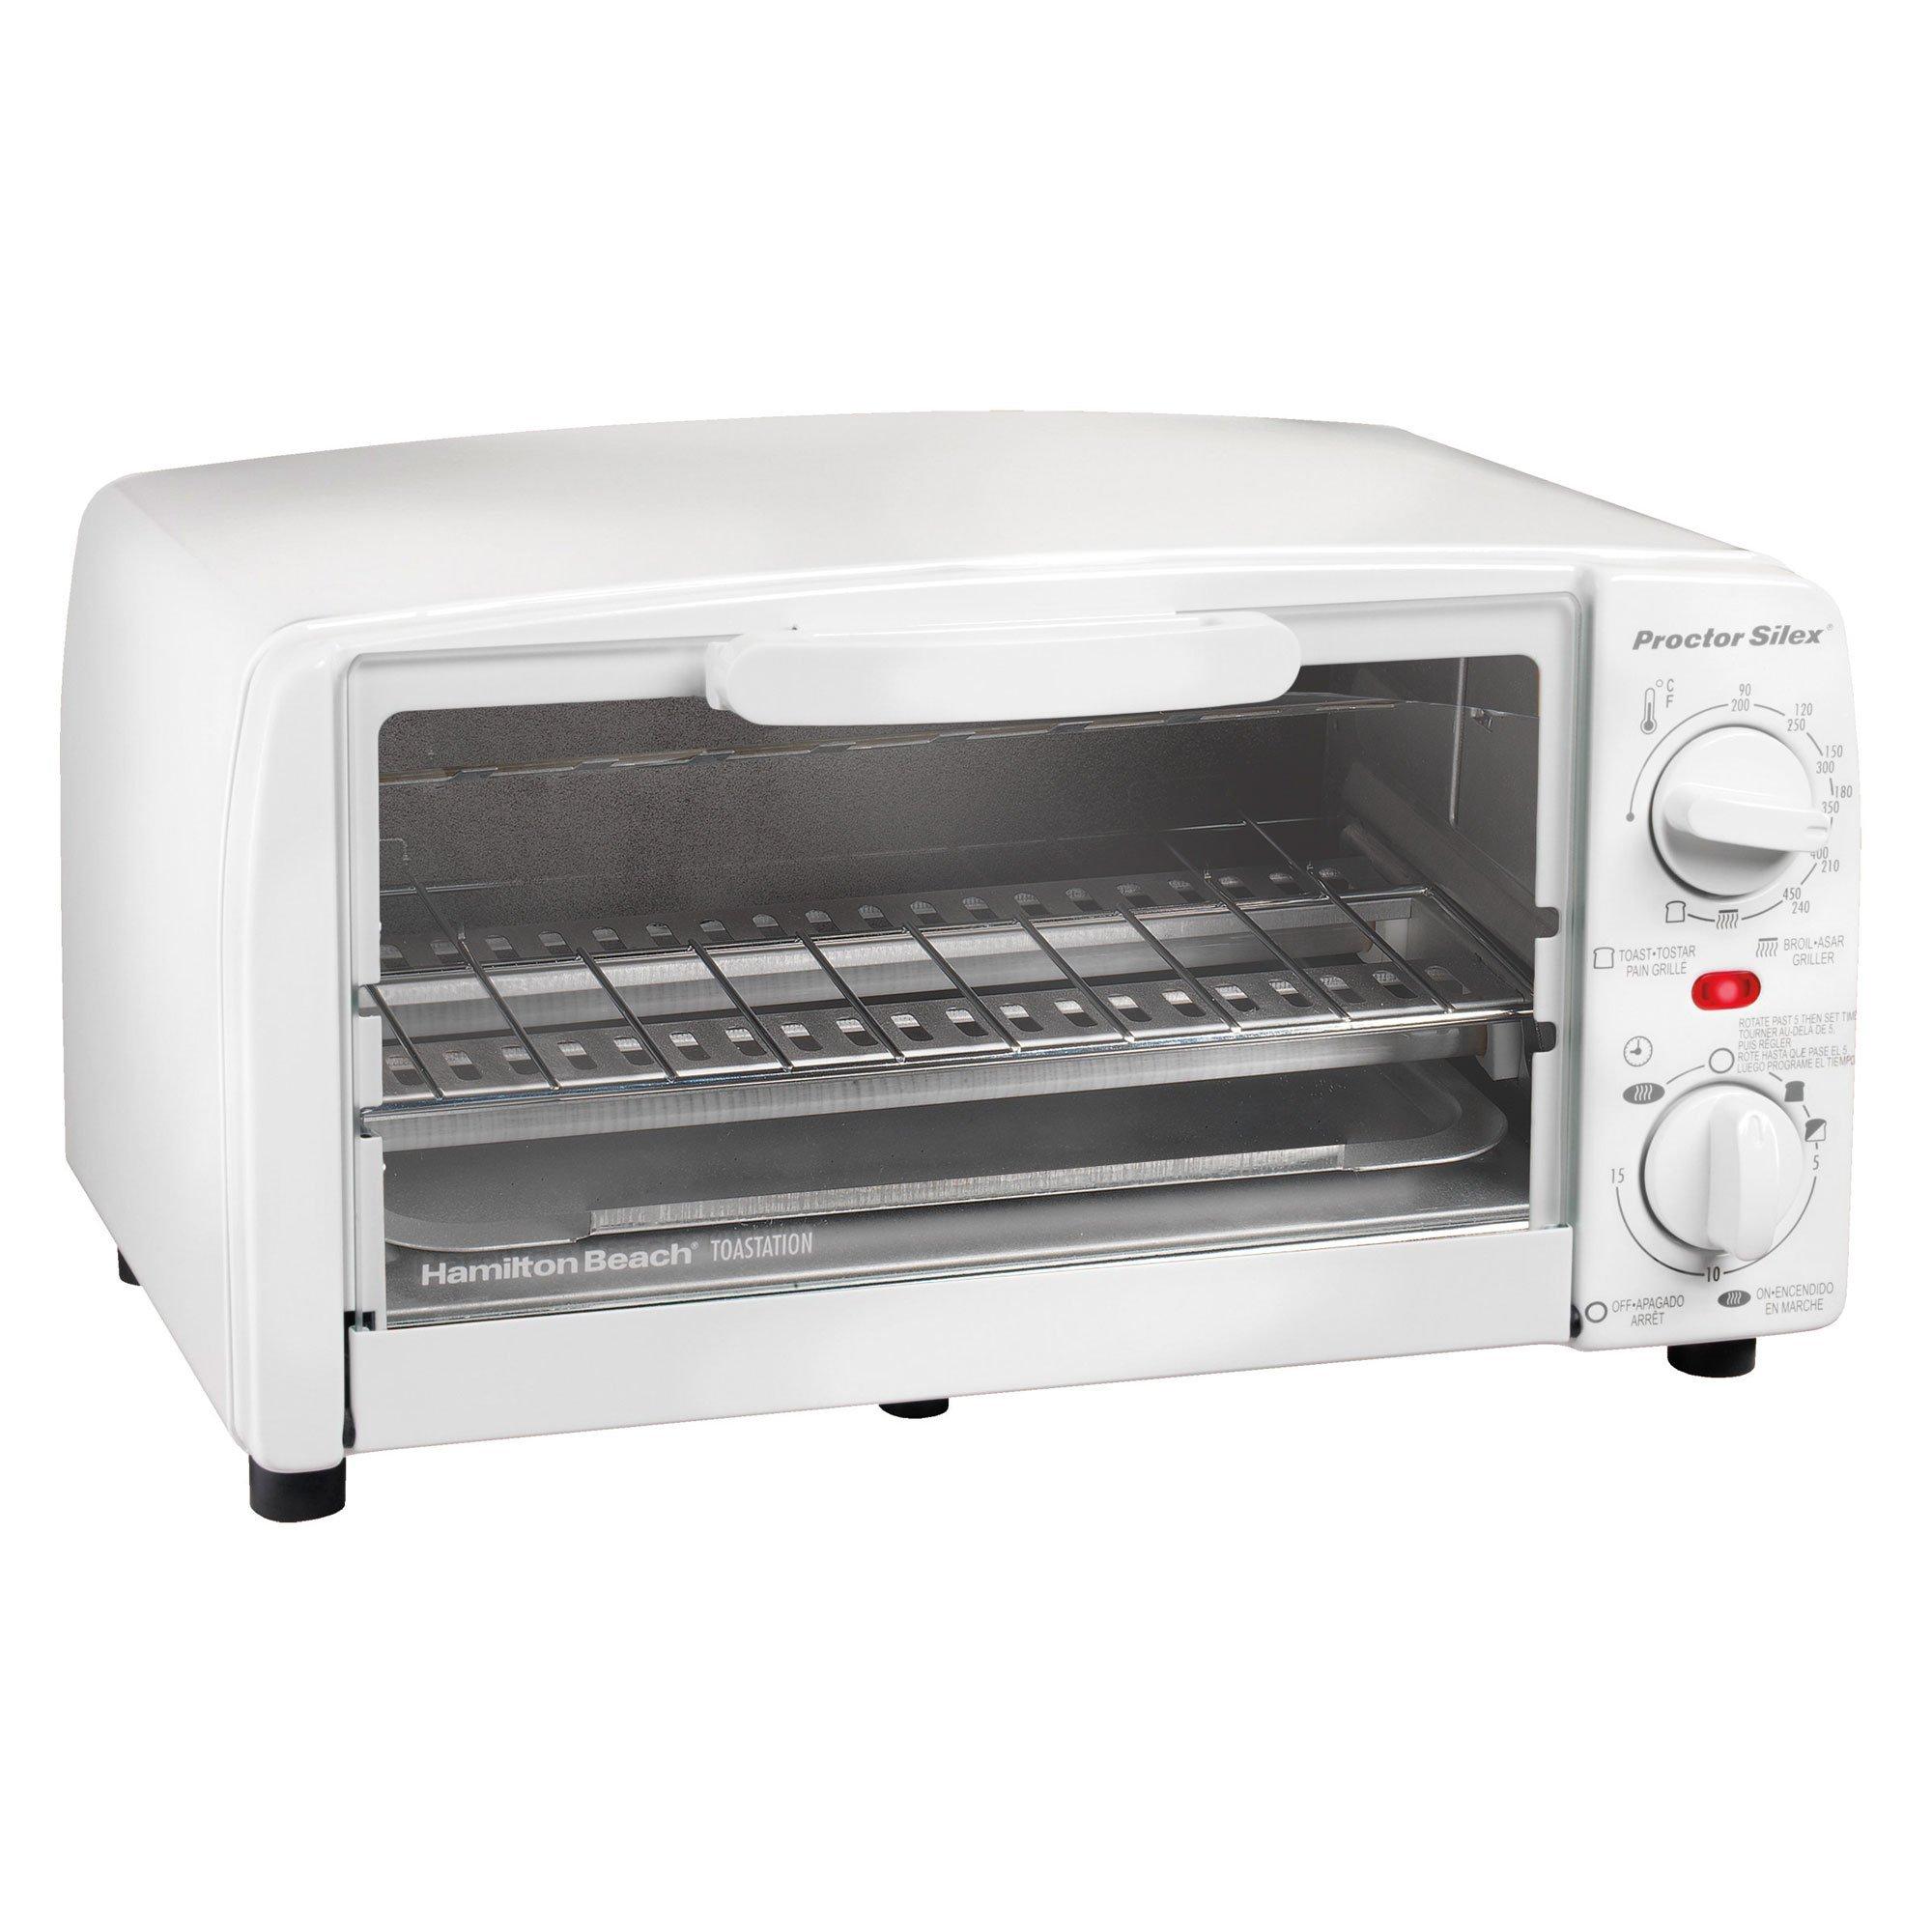 Proctor Silex 4 slice Toaster Oven, White by Proctor Silex